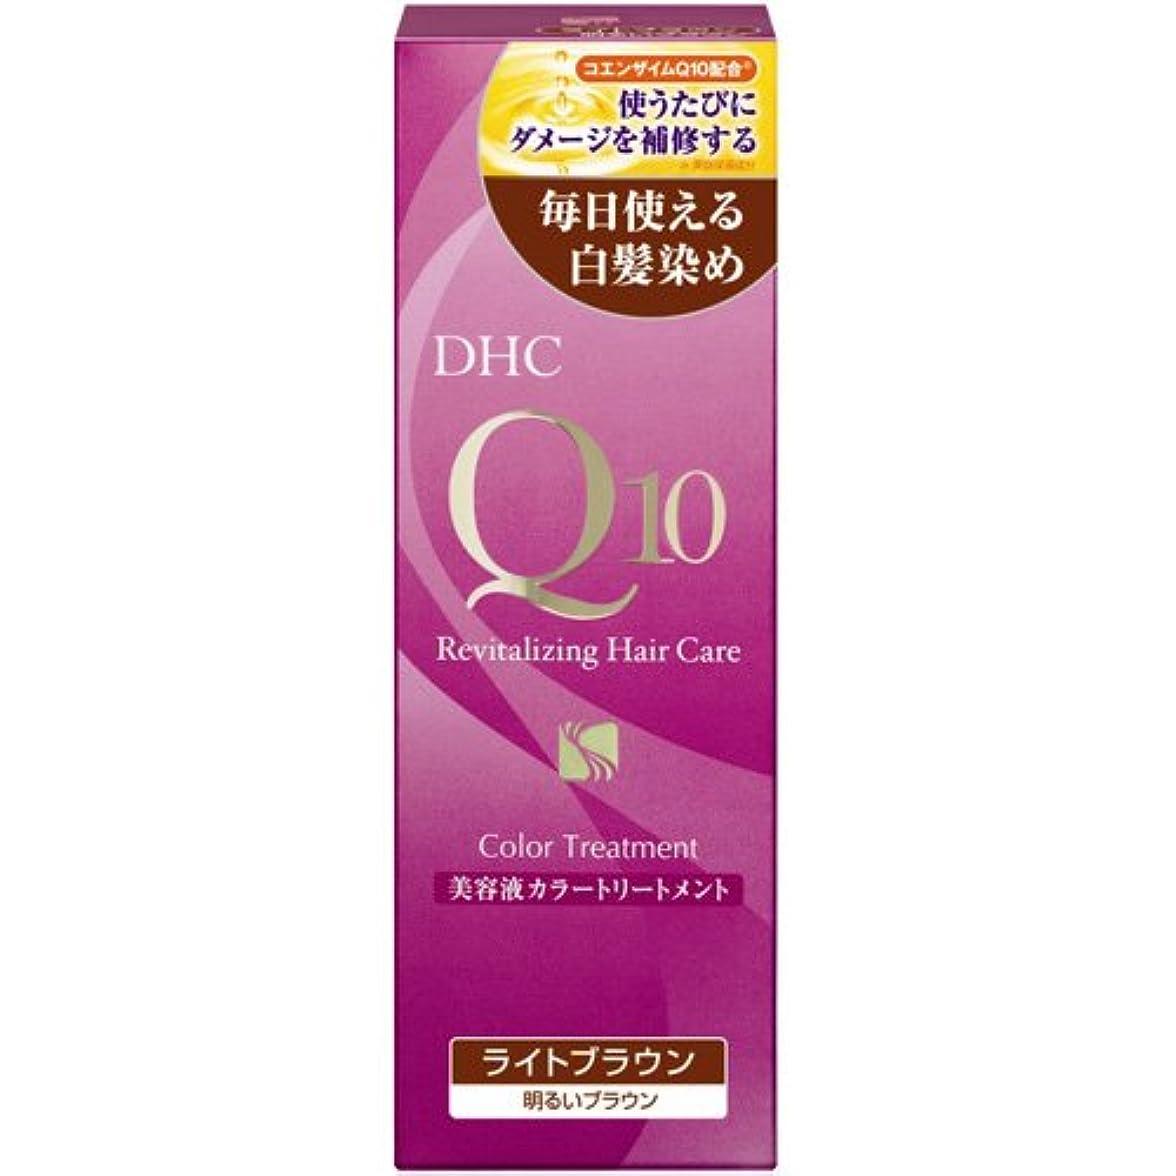 強調するできる少ないDHC Q10美溶液カラートリートメントLブラウンSS170g